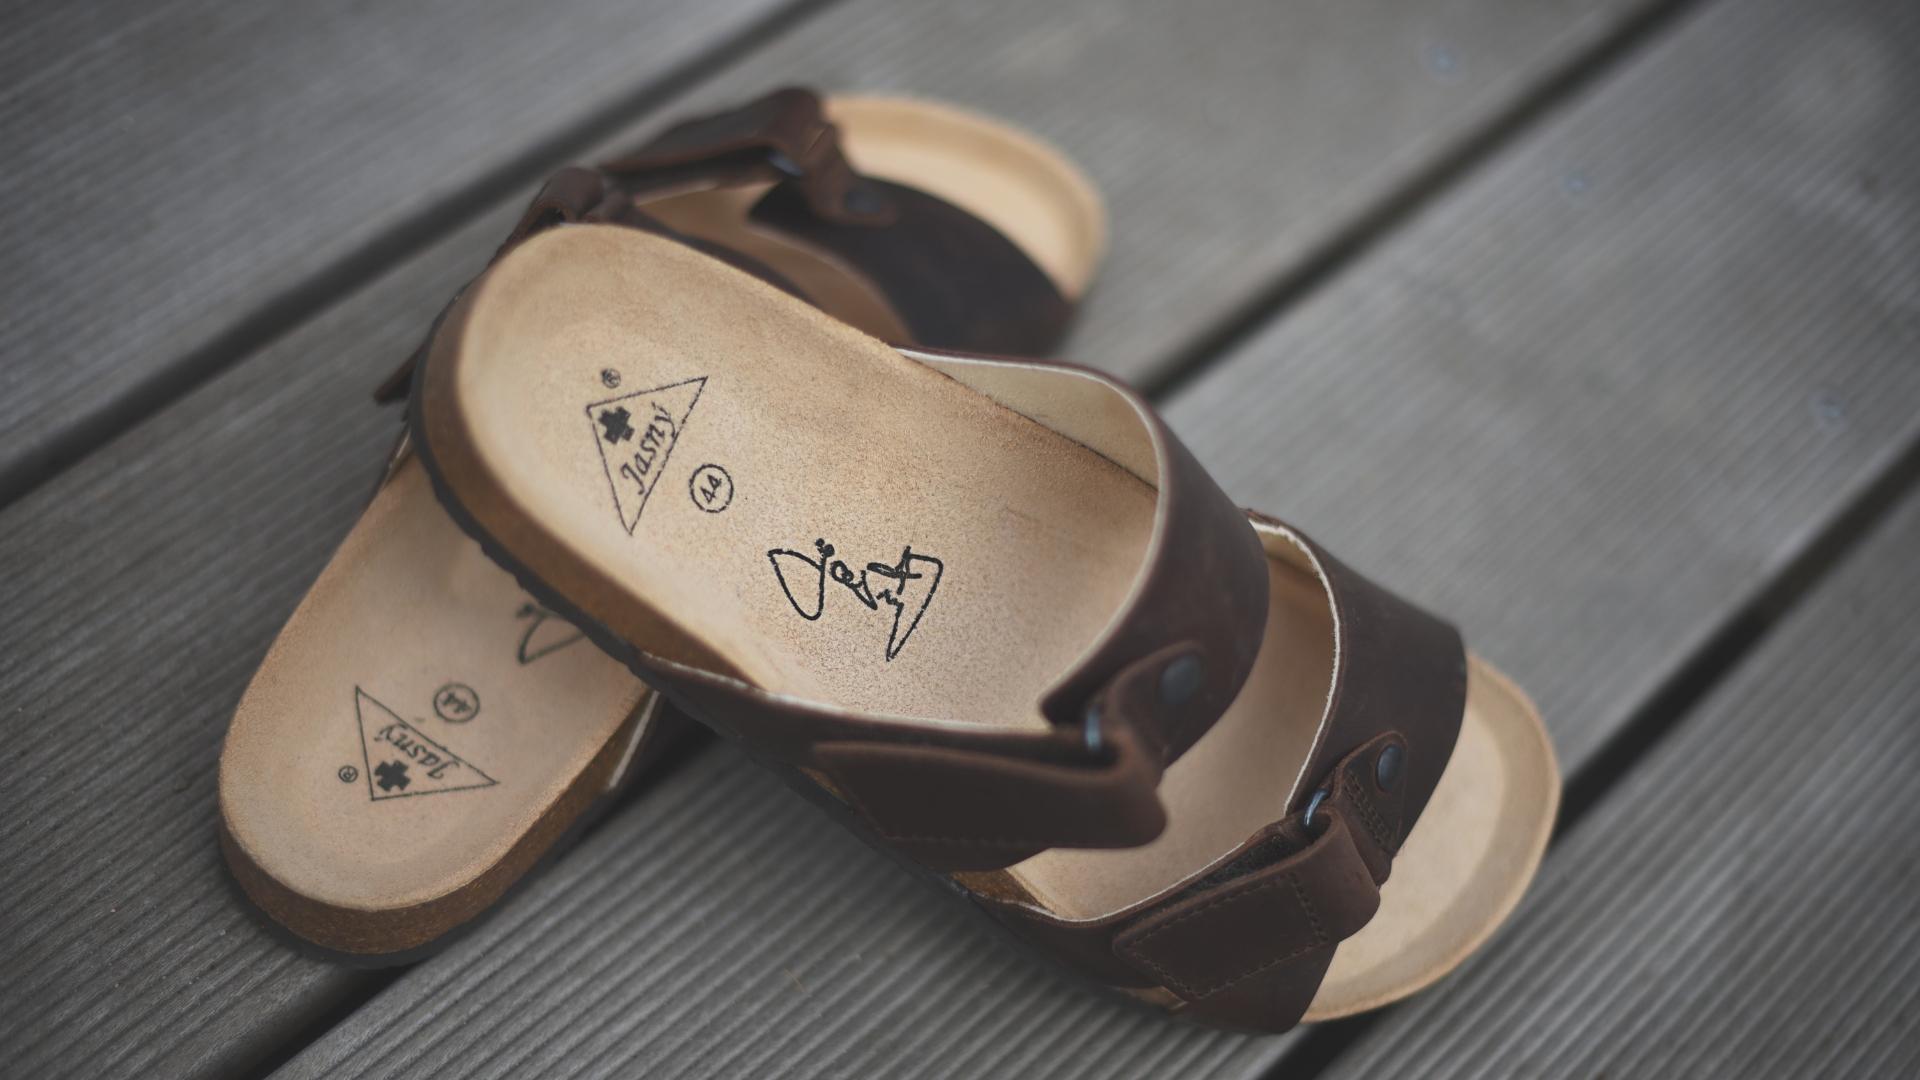 8c33bfefb8f Pánské zdravotní pantofle